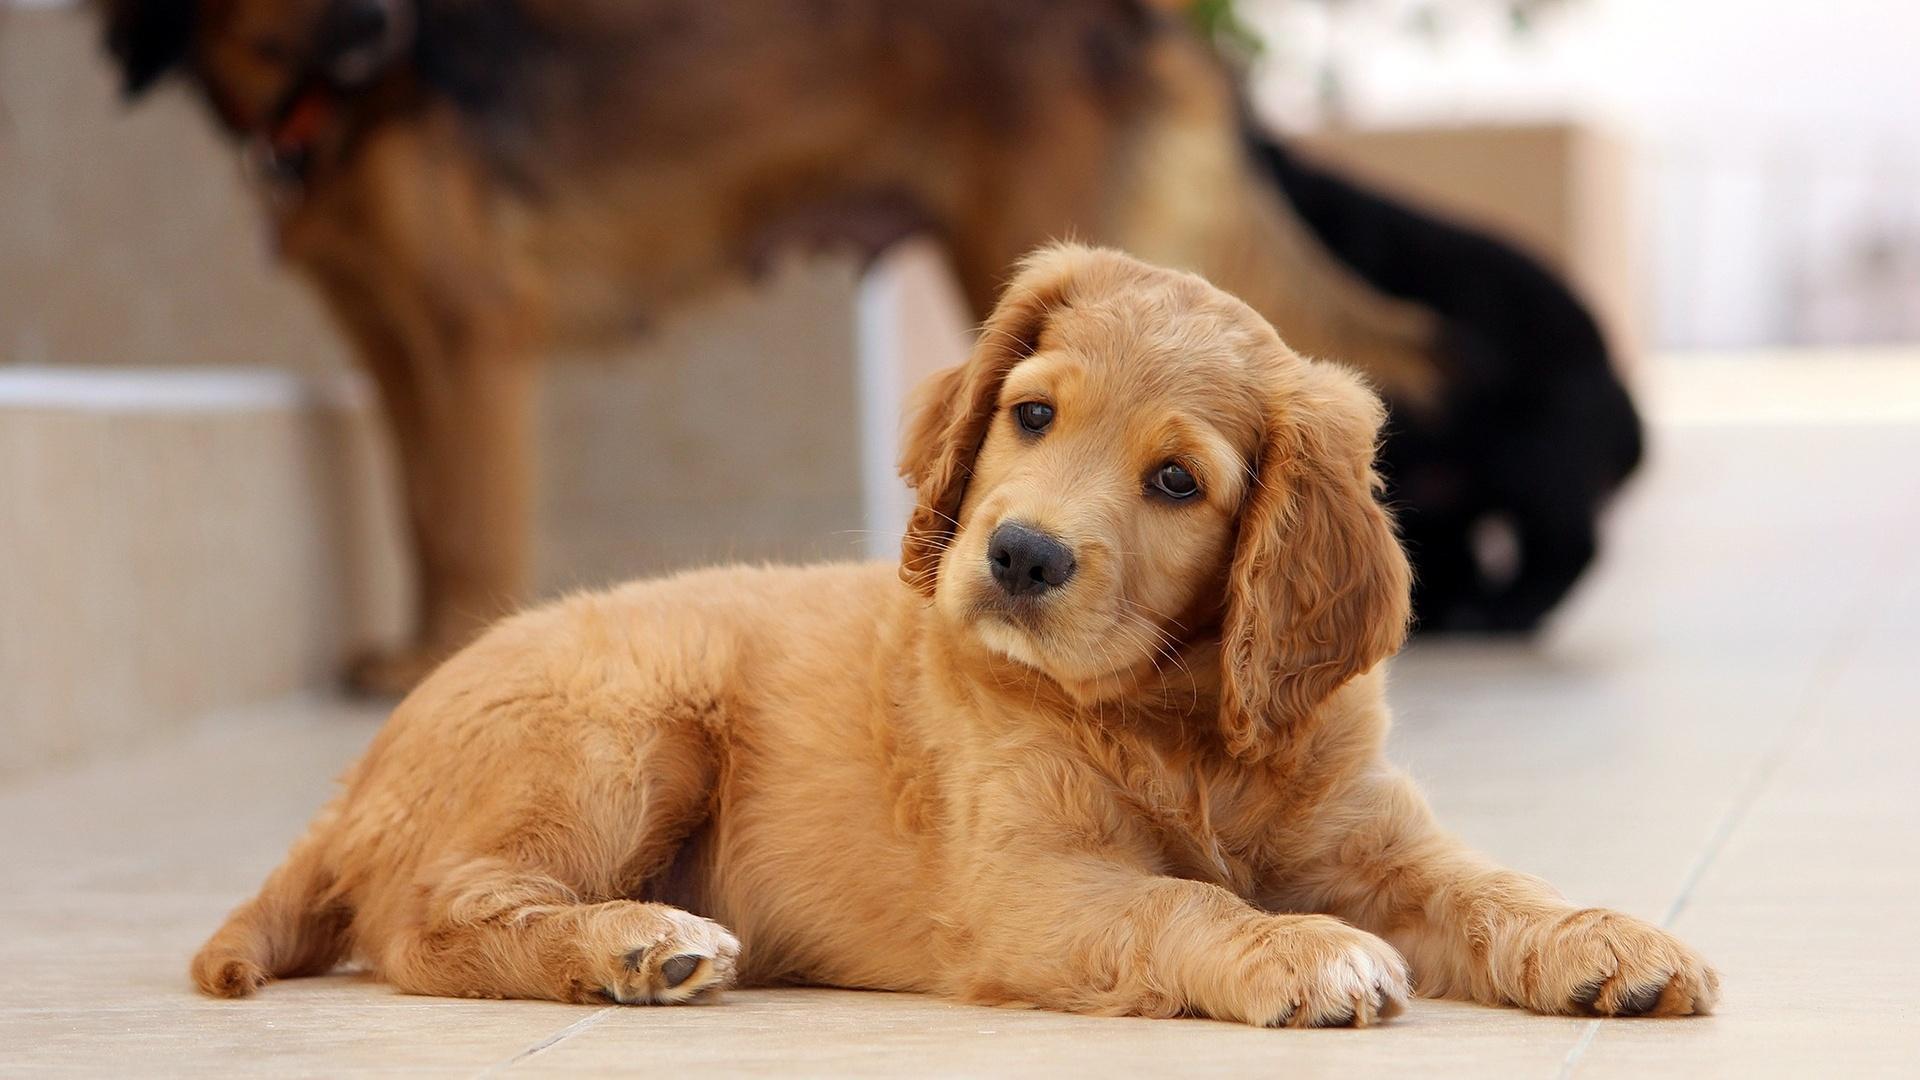 Bindung zum Hund aufbauen: Die besten Tipps